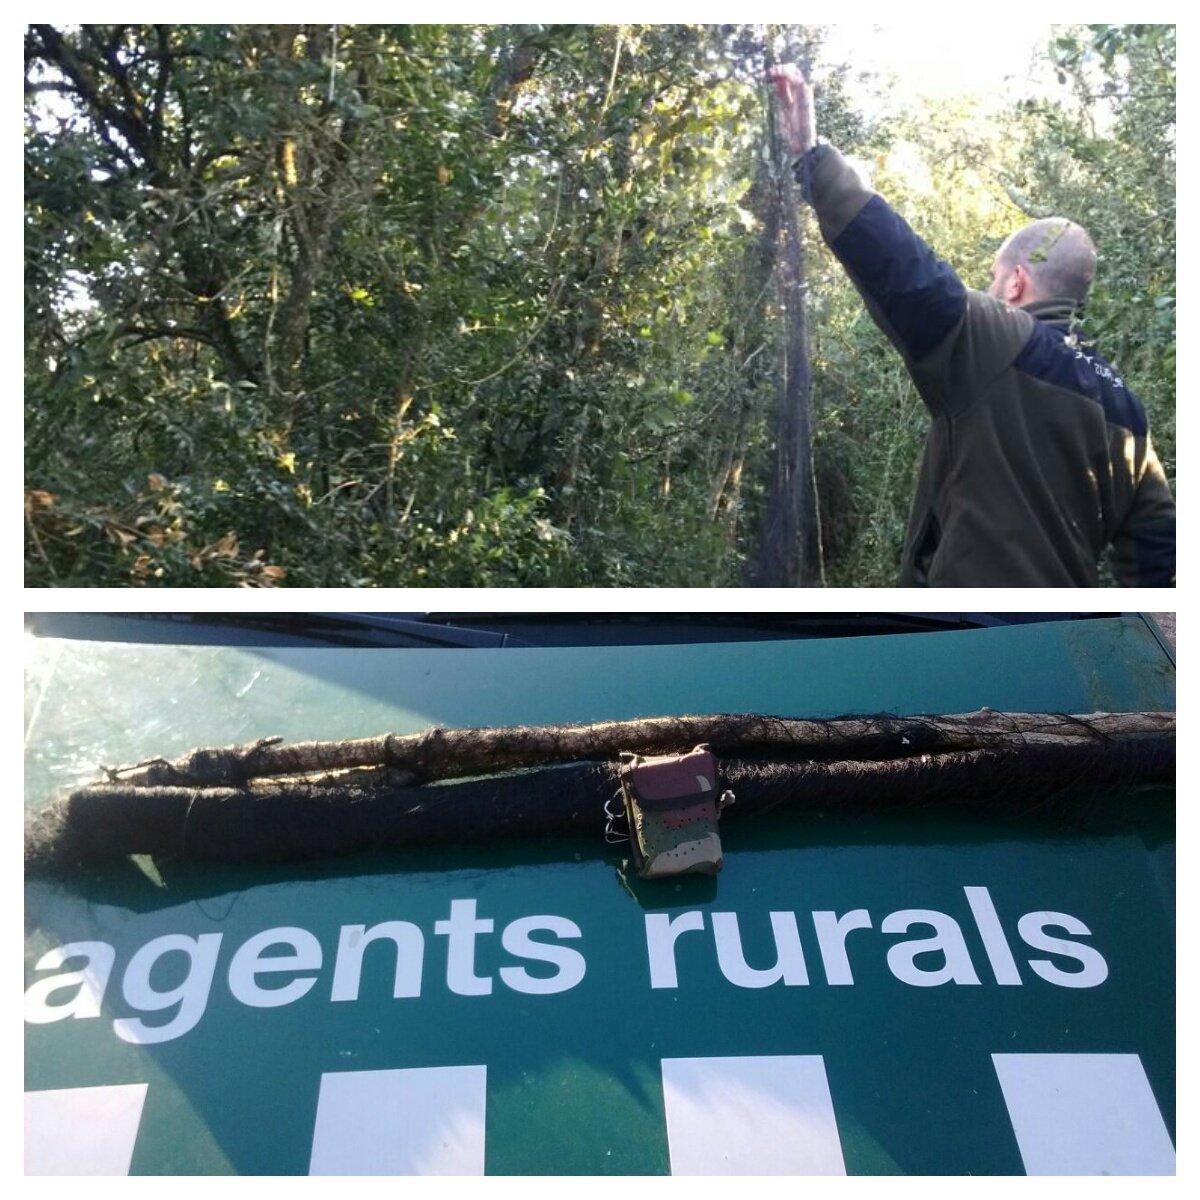 Agents Rurals